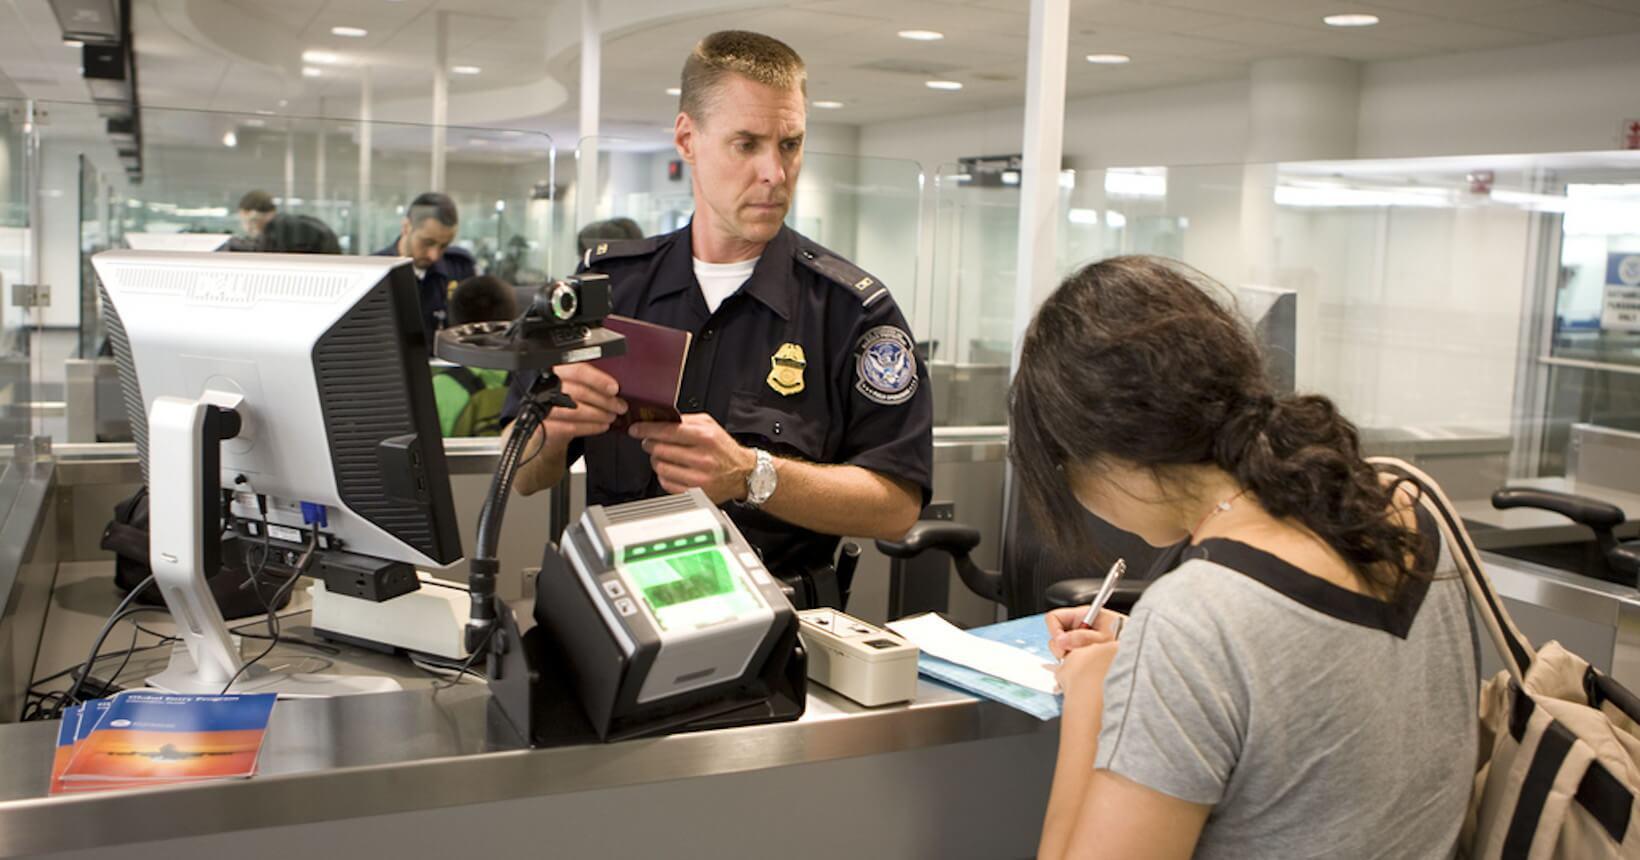 Oficiais de imigração podem fazer perguntas relacionadas ao tempo fora do Brasil